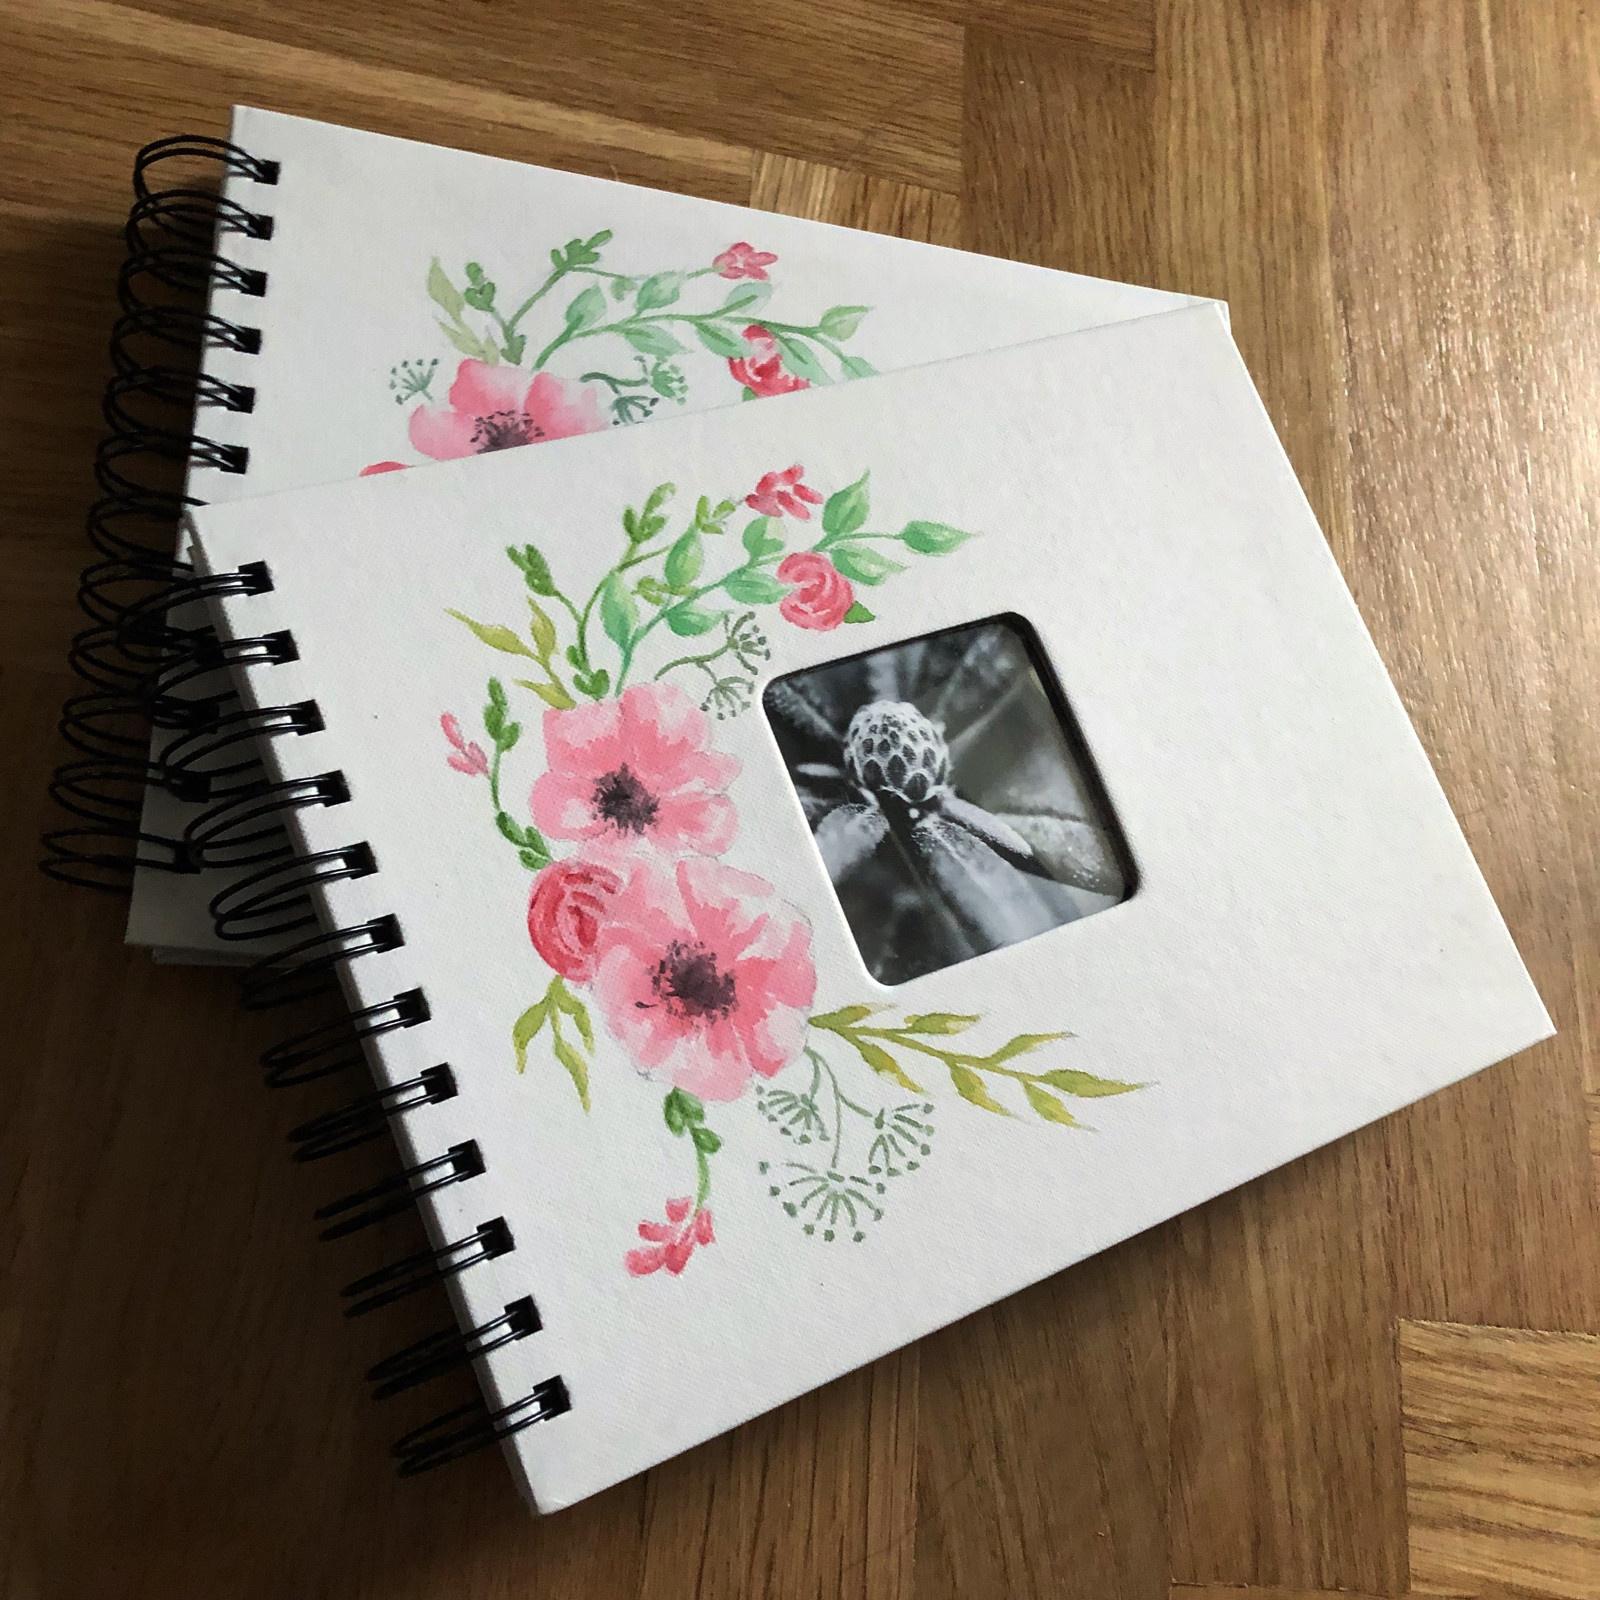 Malované album - svatební květy   Zboží prodejce Lipanda  5a243ac48c